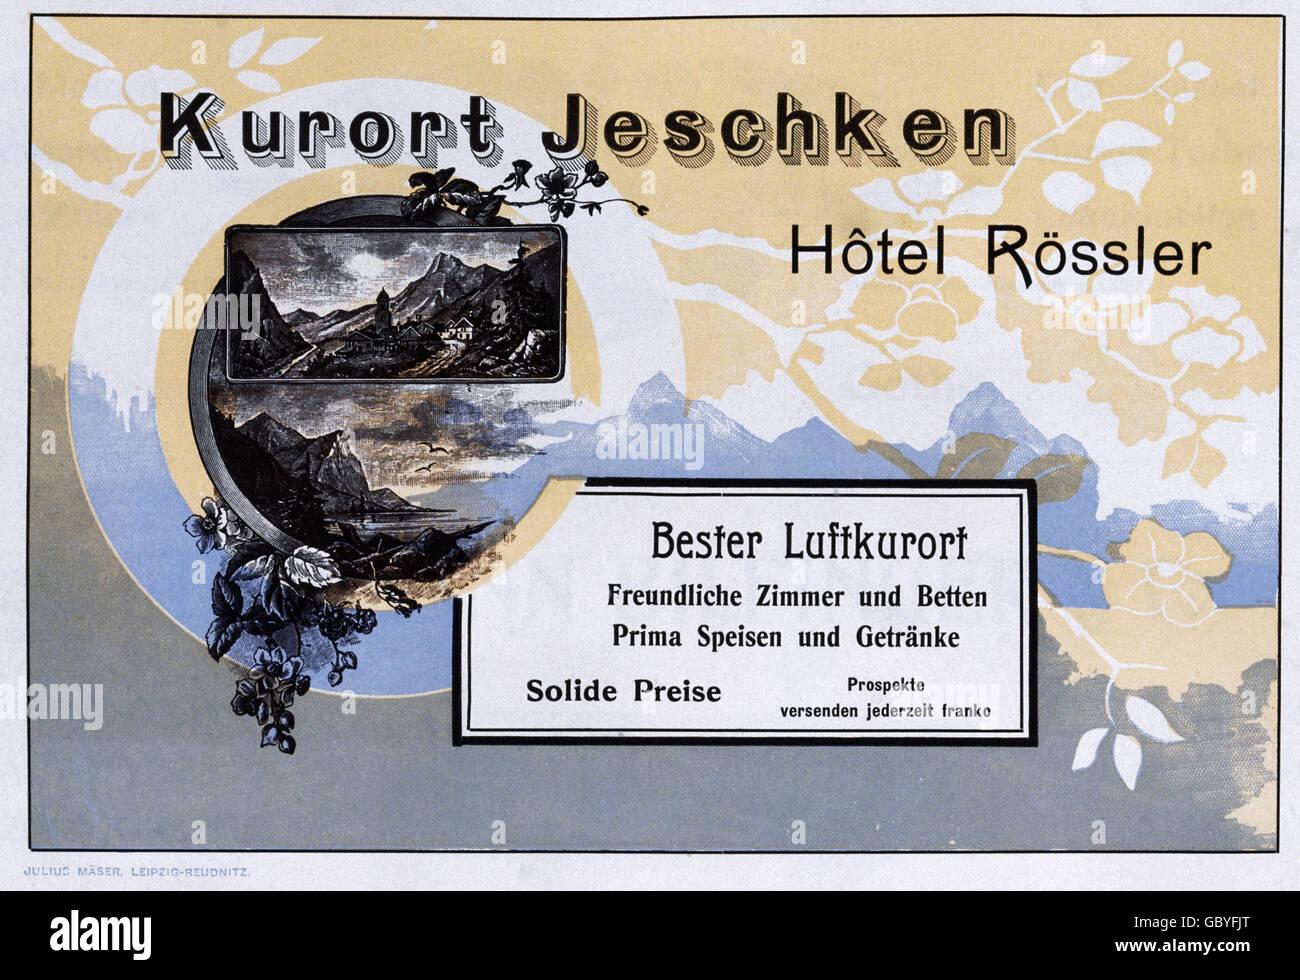 advertising, tourism, advertisement for Hotel Rössler at Jeschken ...